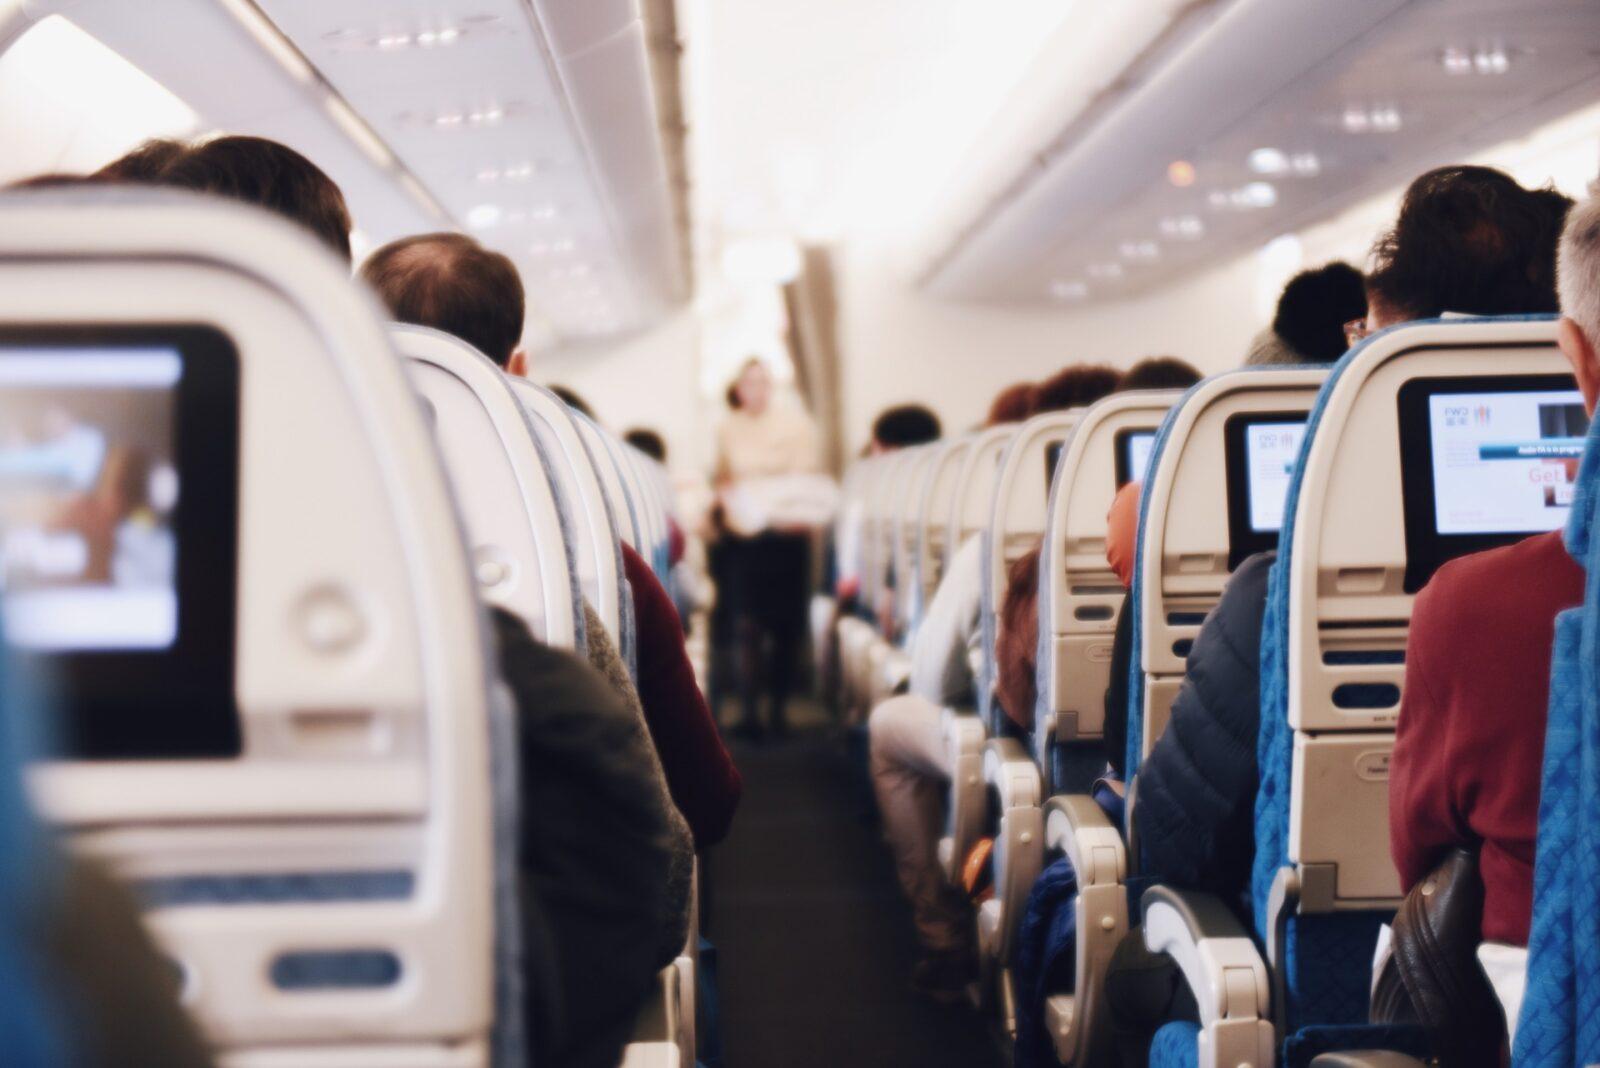 Daten von Vielfliegern gehackt – auch die Lufthansa ist betroffen